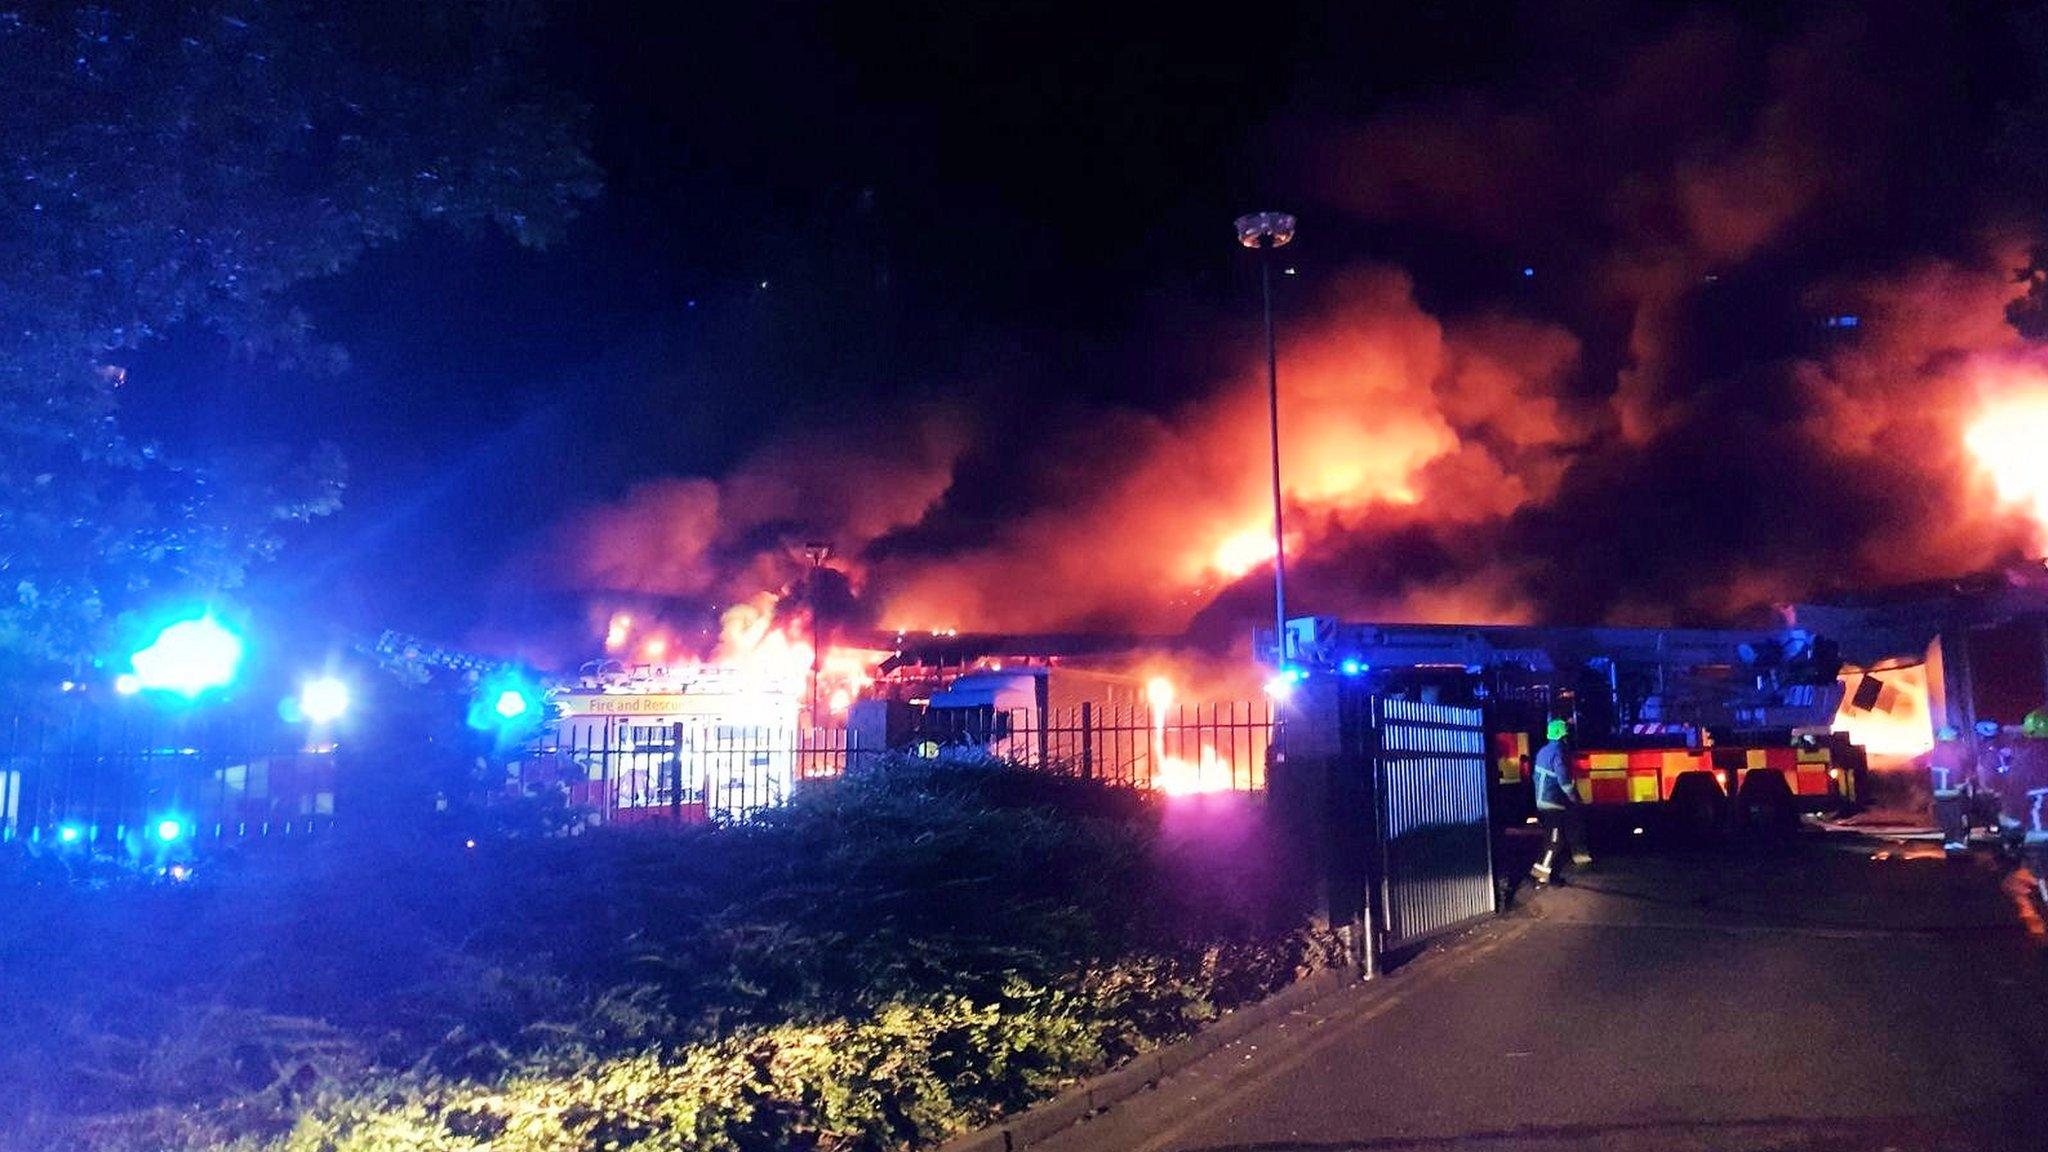 Essex fire: Flames engulf Basildon packaging warehouse